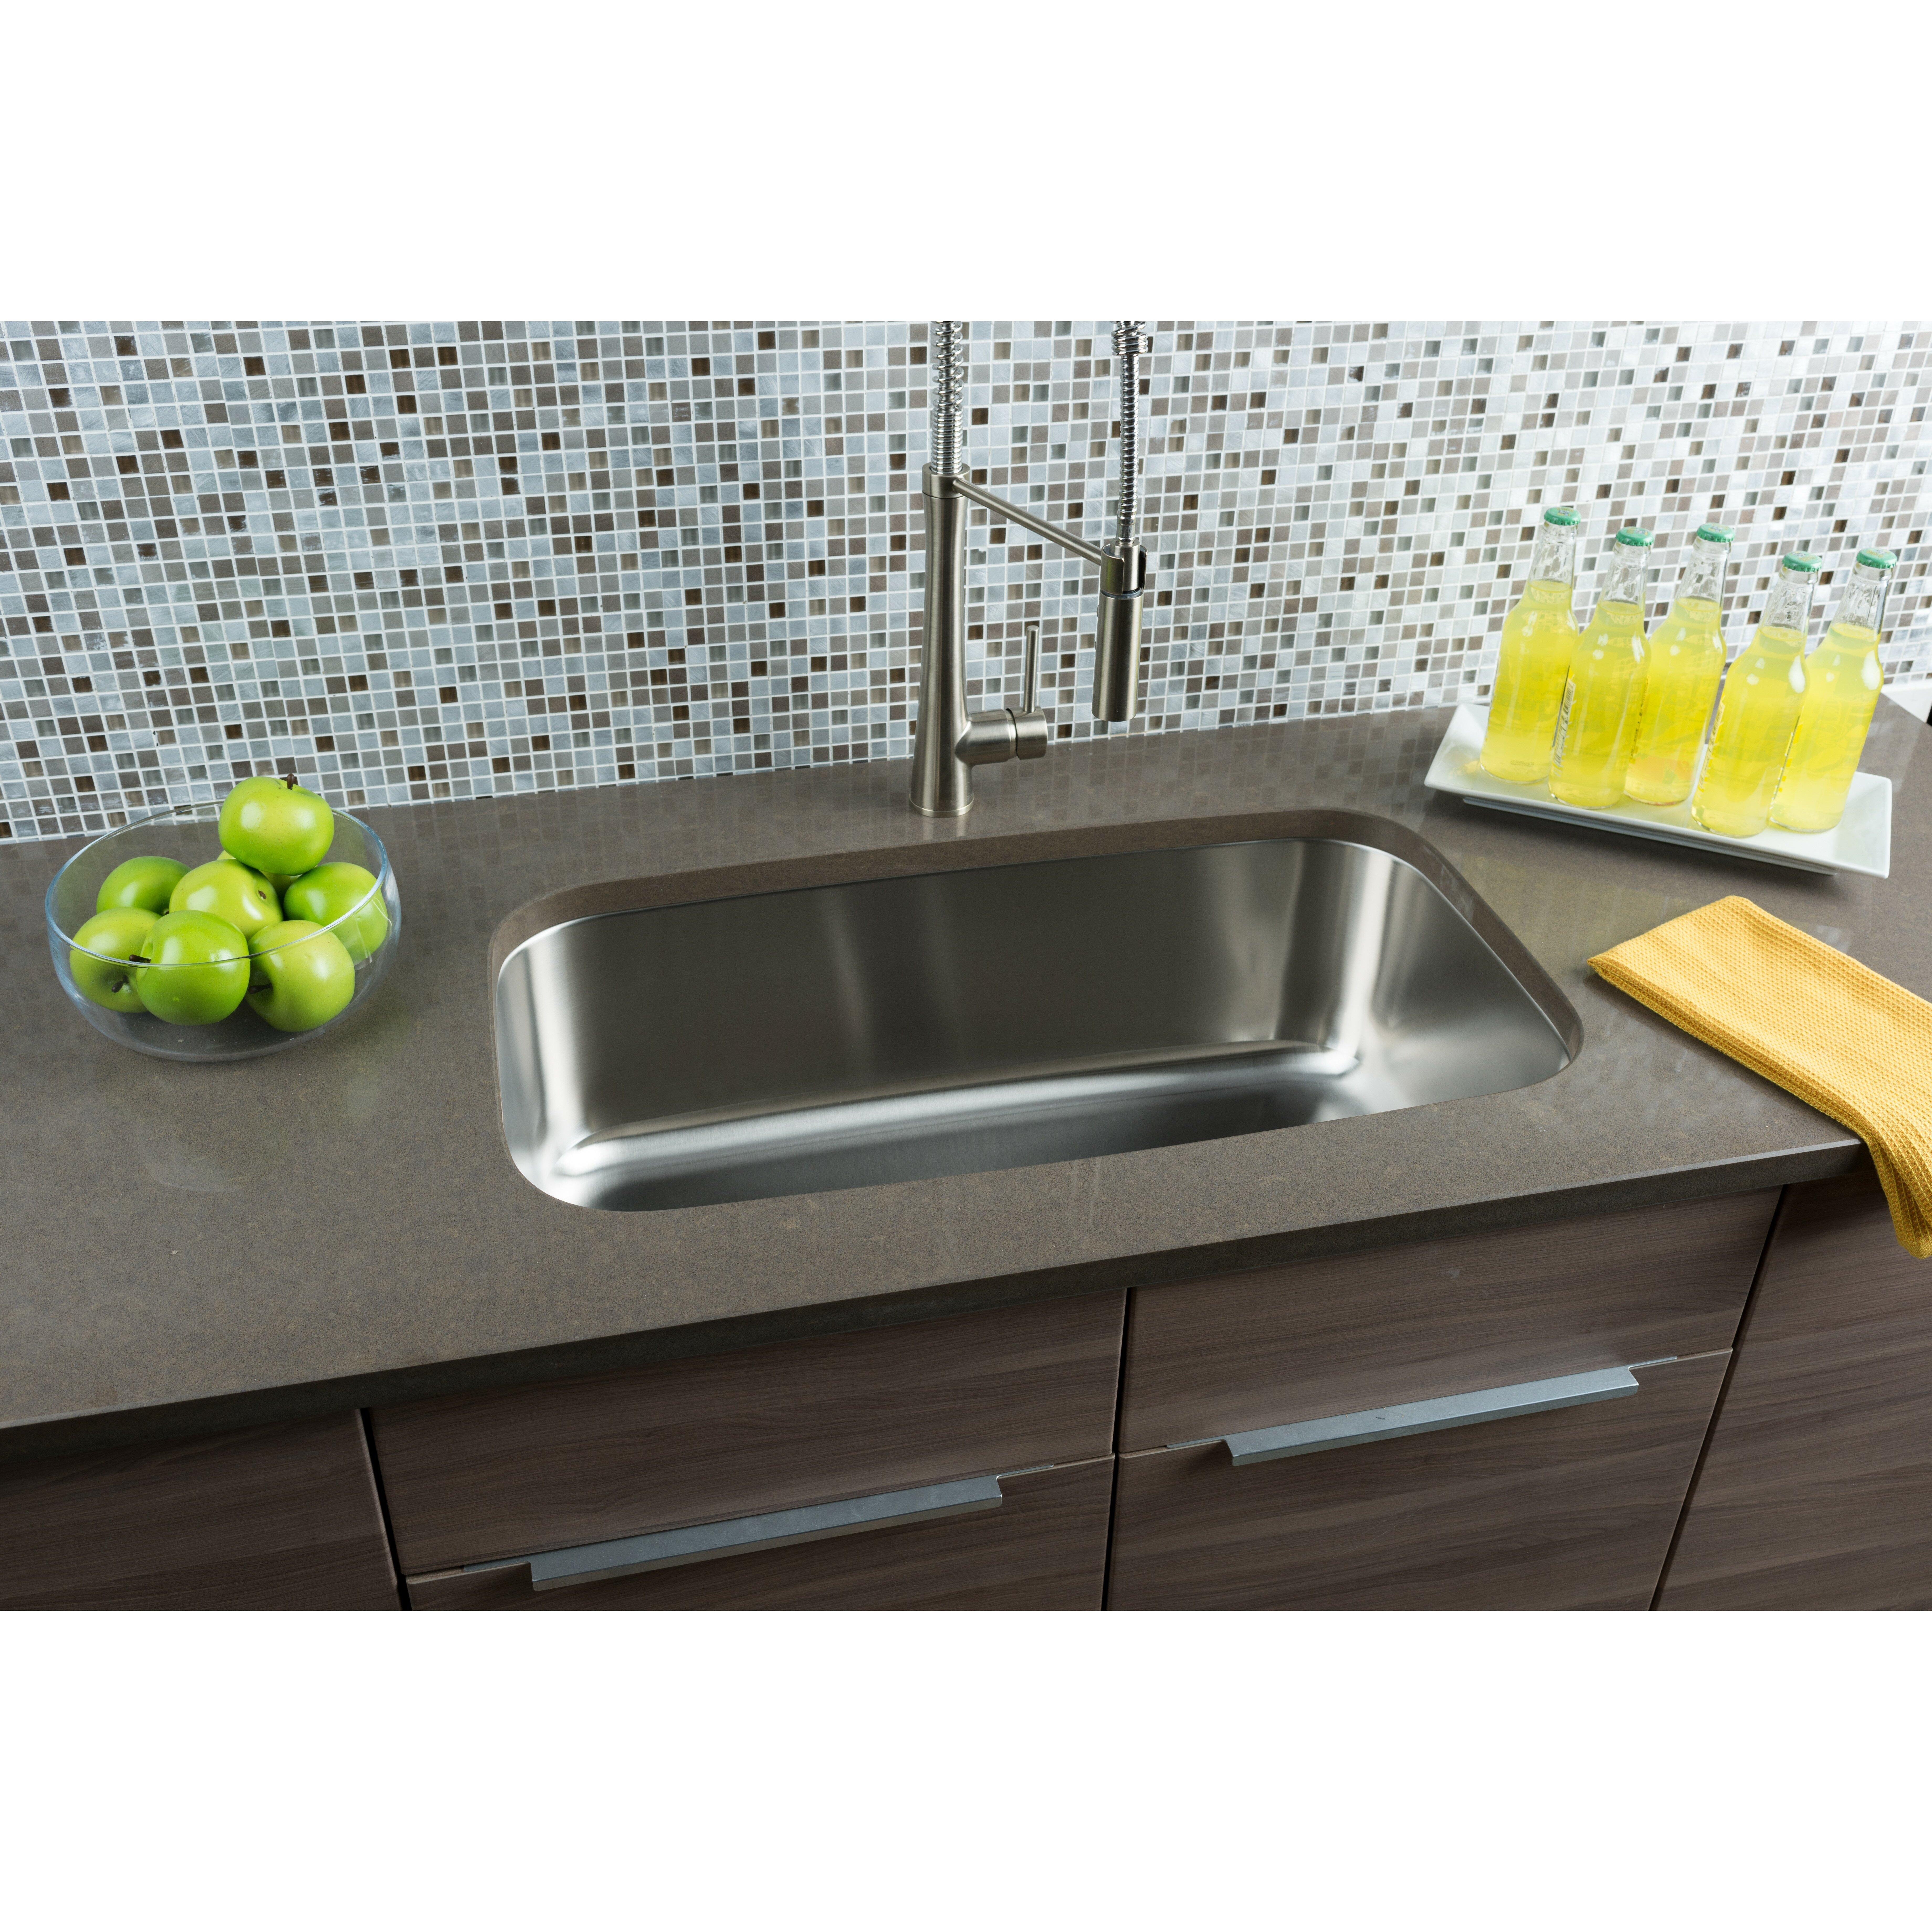 Hahn Kitchen Sinks : Hahn Classic Chef Series Single Bowl Kitchen Sink & Reviews Wayfair